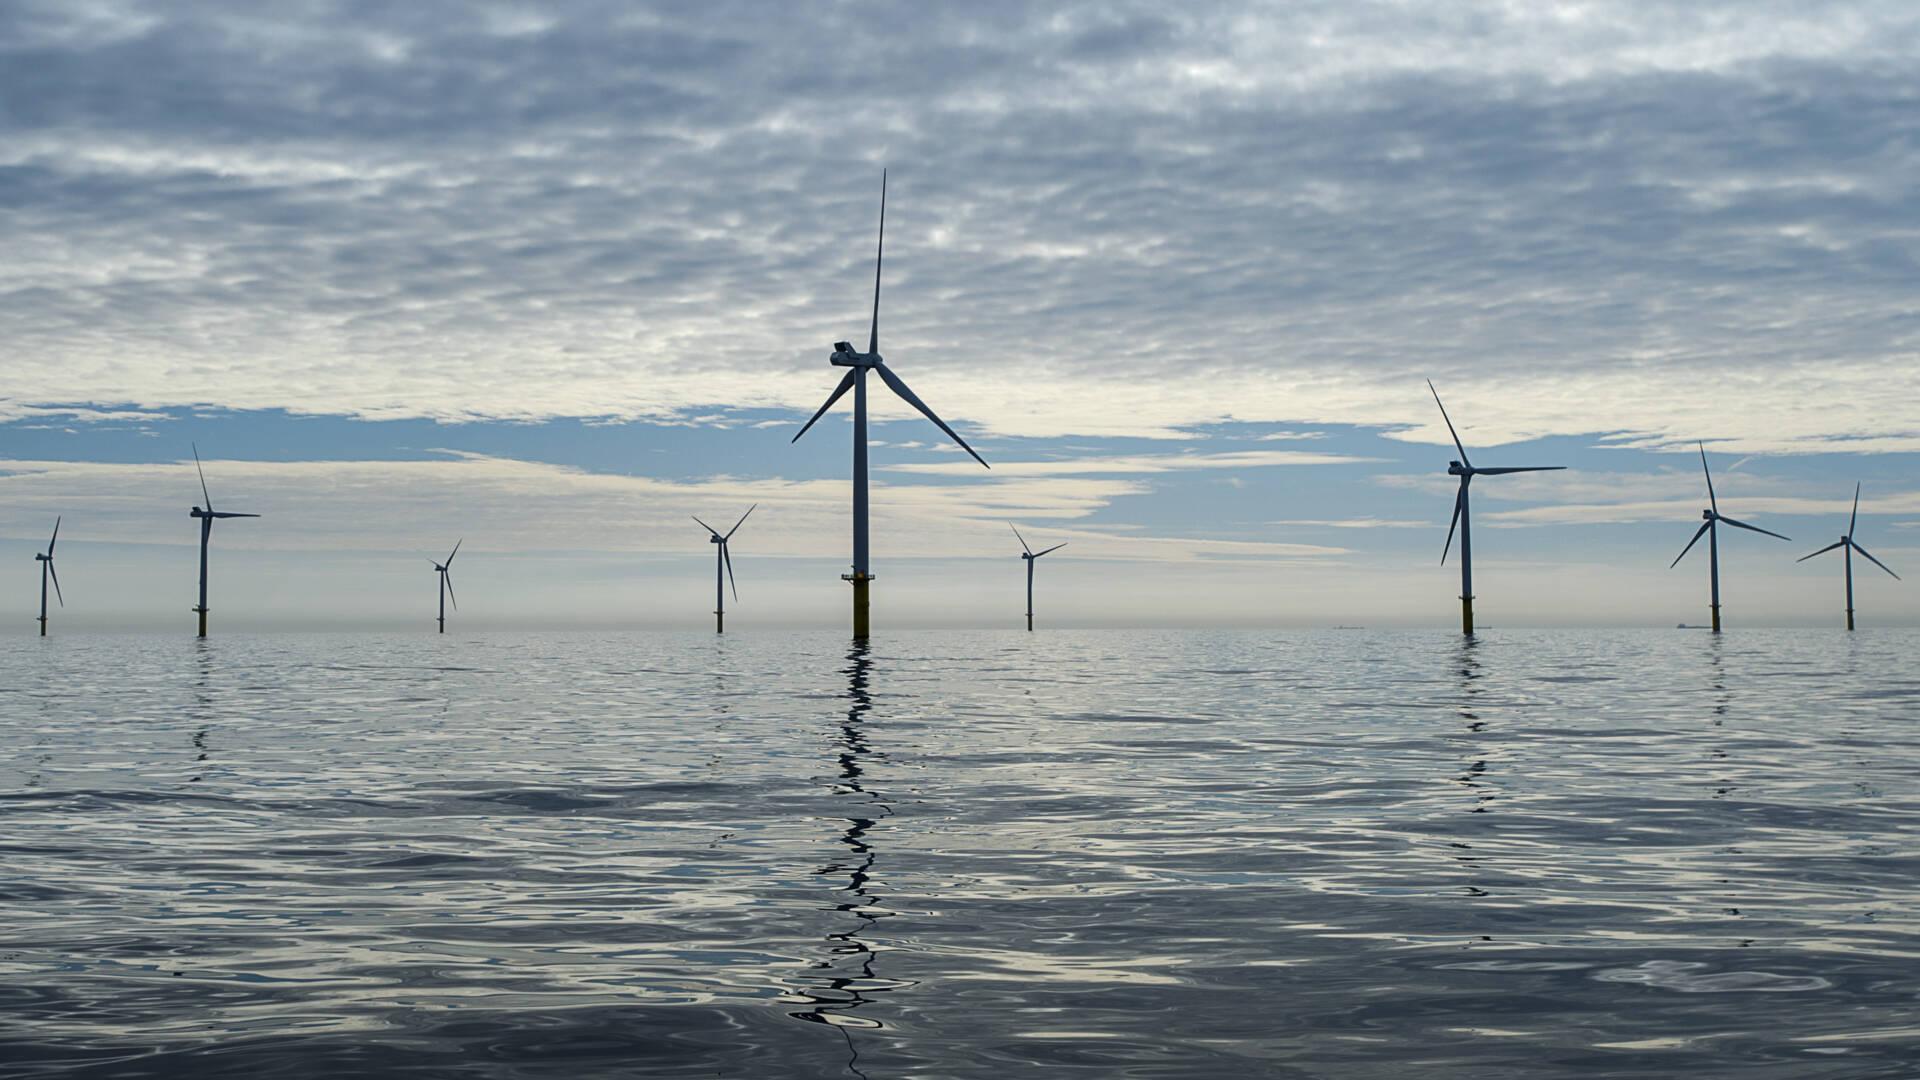 تربط هولندا والمملكة المتحدة مزارع الرياح في بحر الشمال